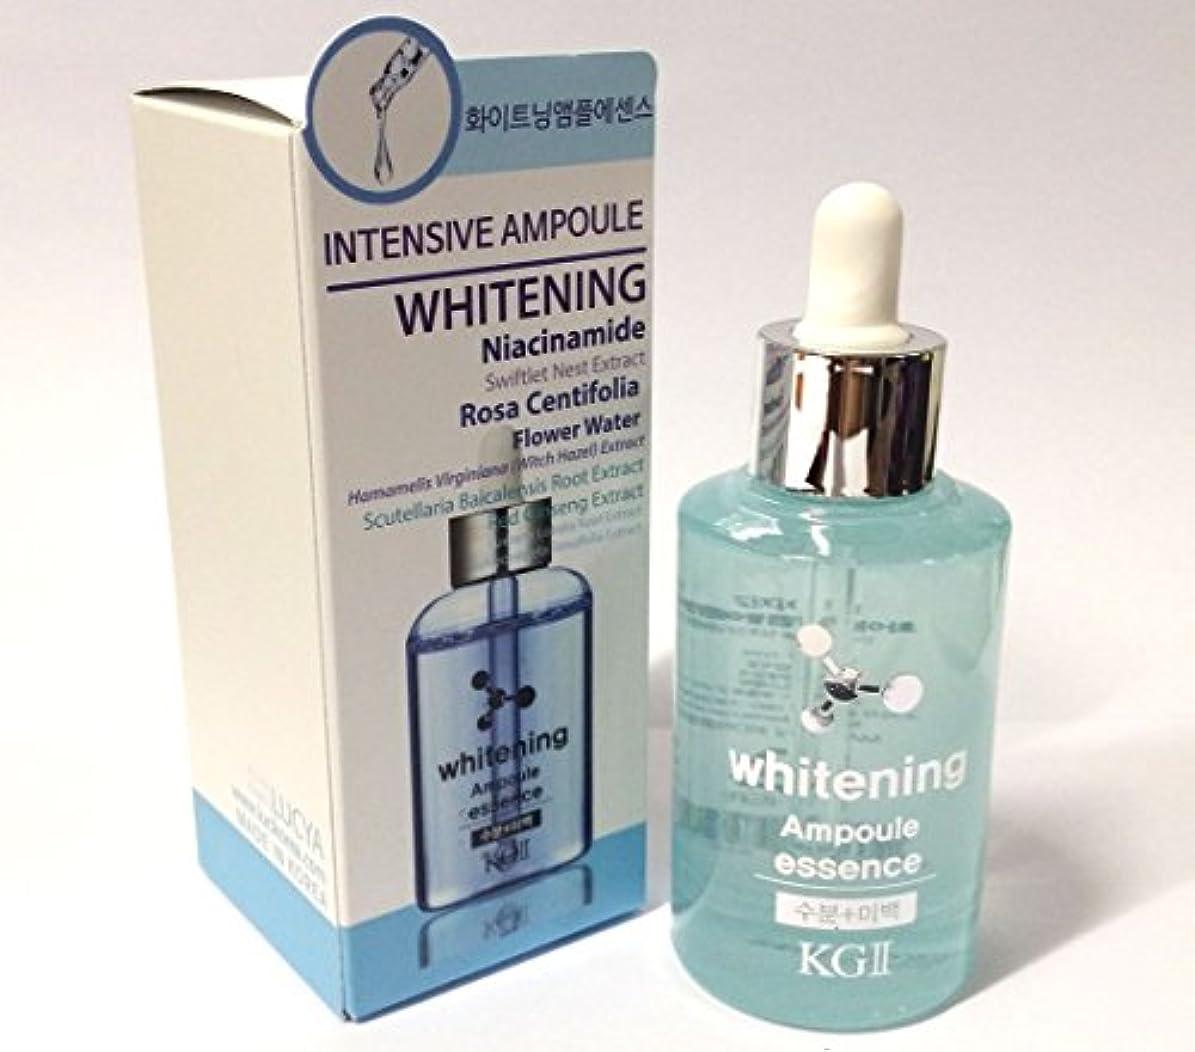 重要性制約思い出す[KG2] インテンシブホワイトニングエンプレスエッセンス50ml/Intensive whitening Ampoule Essence 50ml/湿気、美白/韓国化粧品/moisture, whitening/Korean...